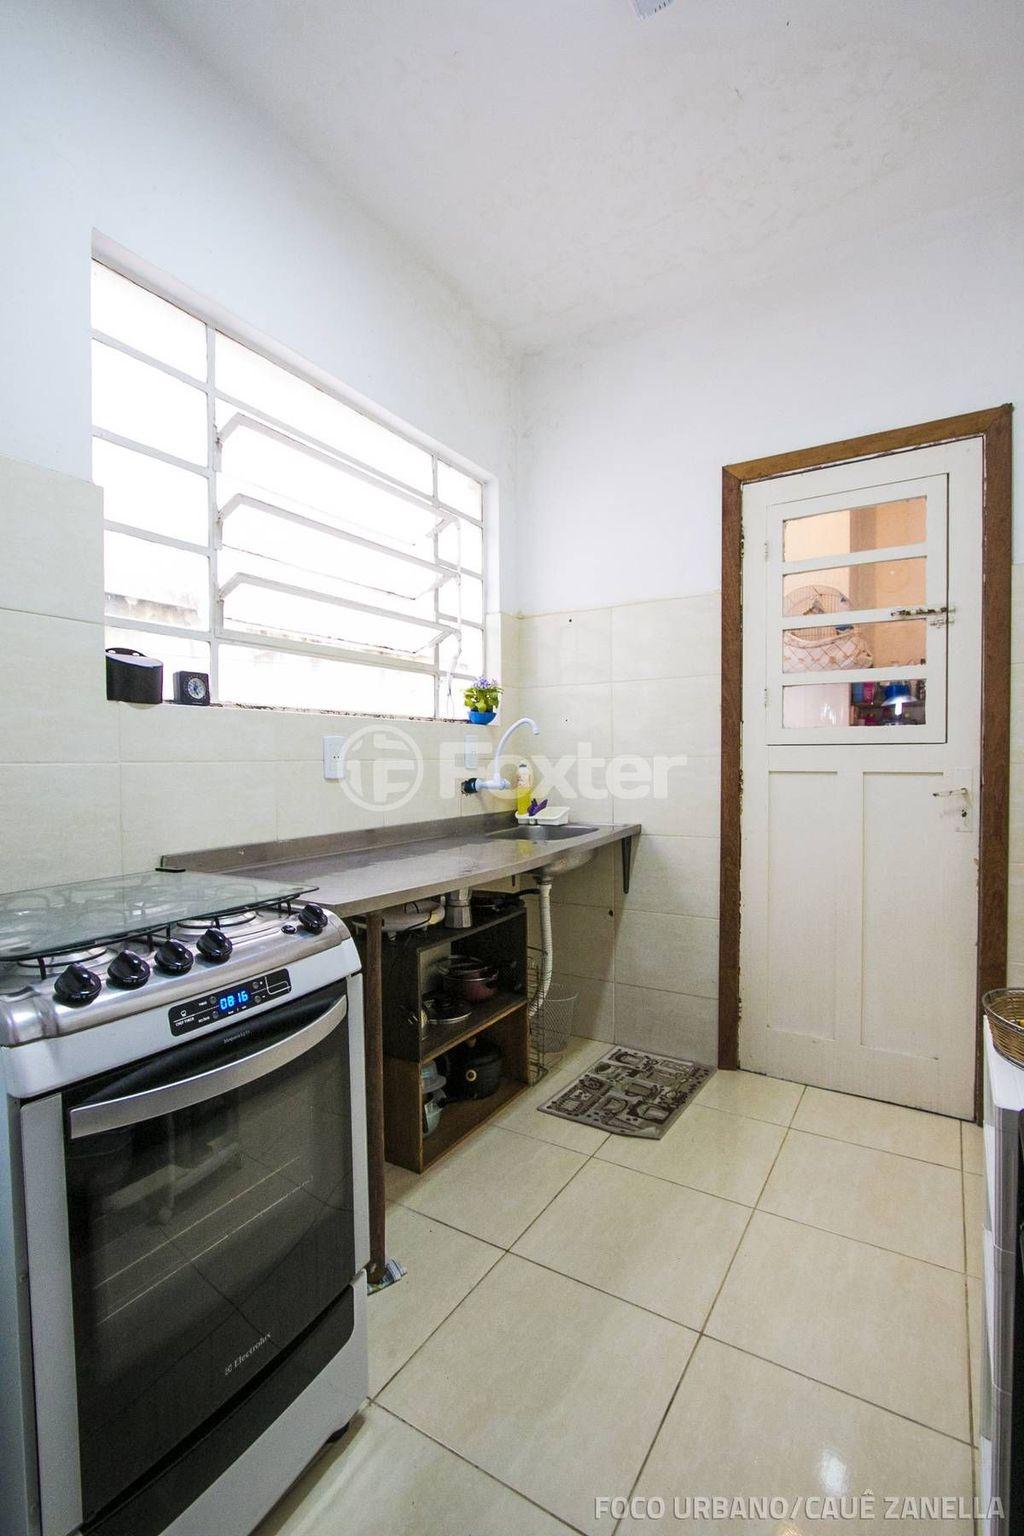 Apto 2 Dorm, Rio Branco, Porto Alegre (121030) - Foto 16